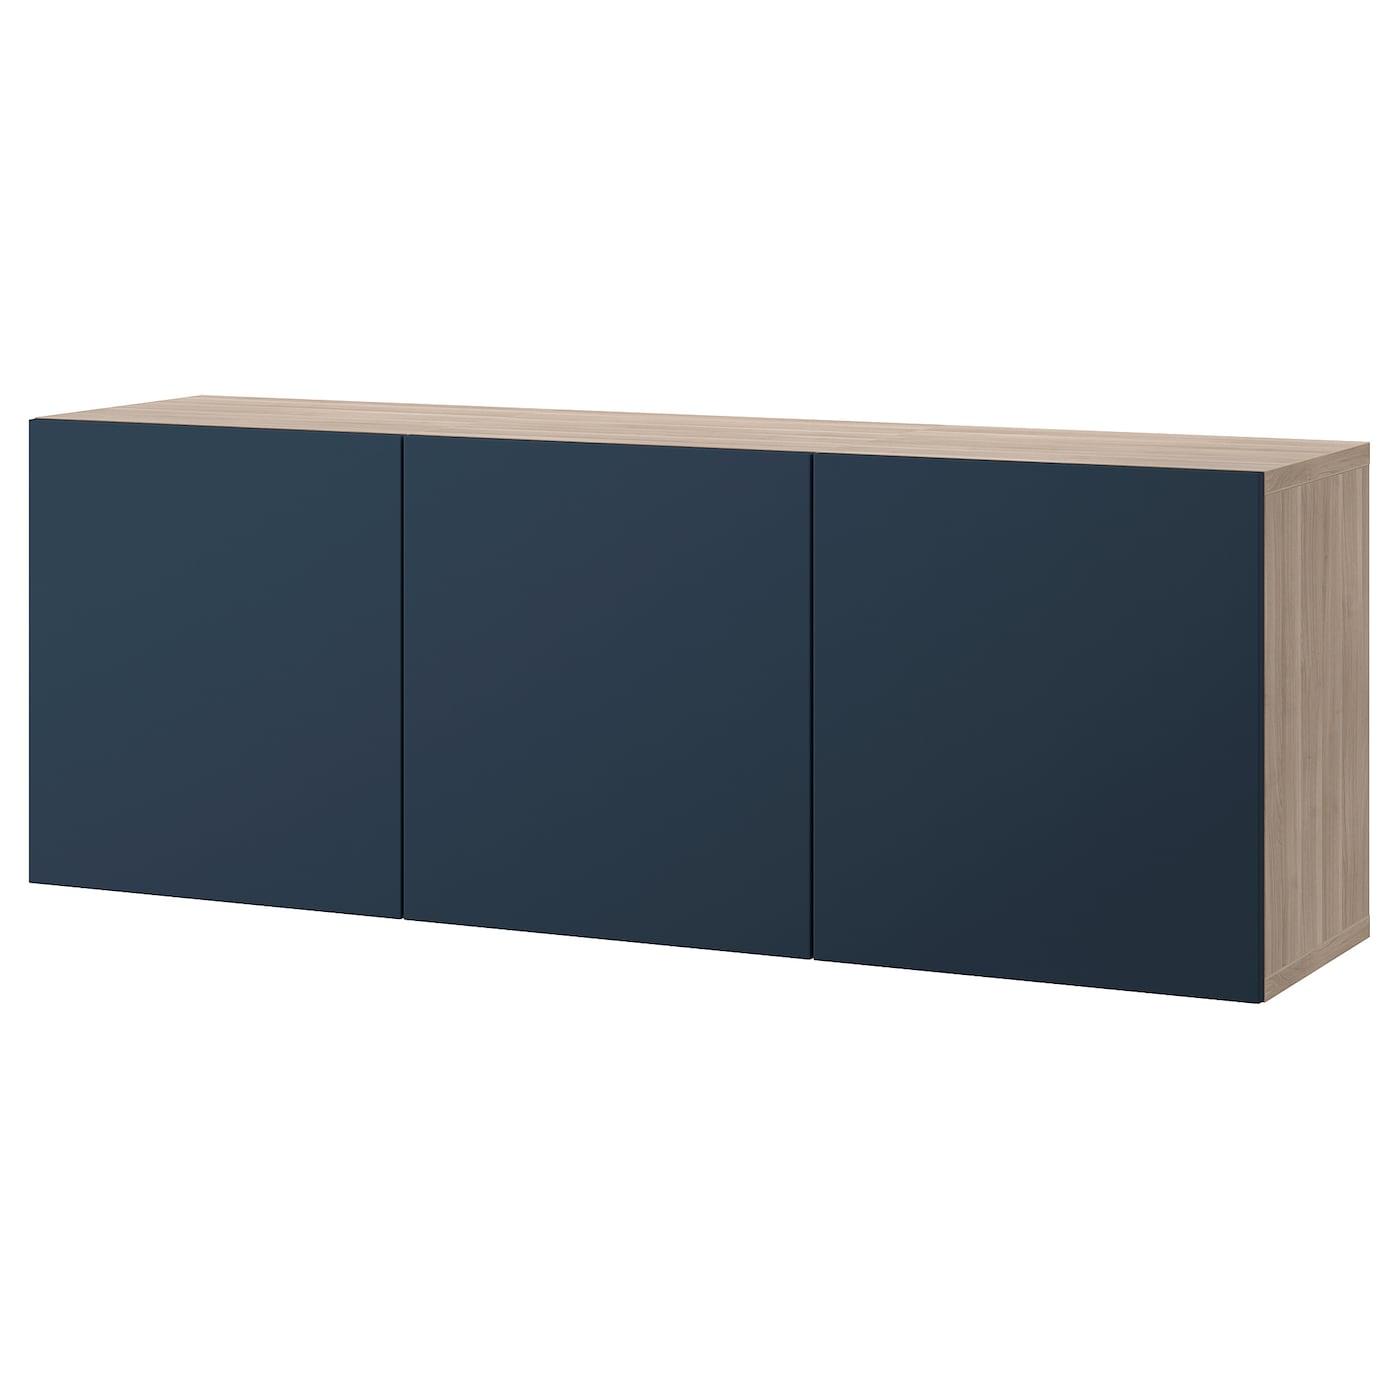 Wall Mounted Cabinet Combination Besta Walnut Effect Light Gray Notviken Blue